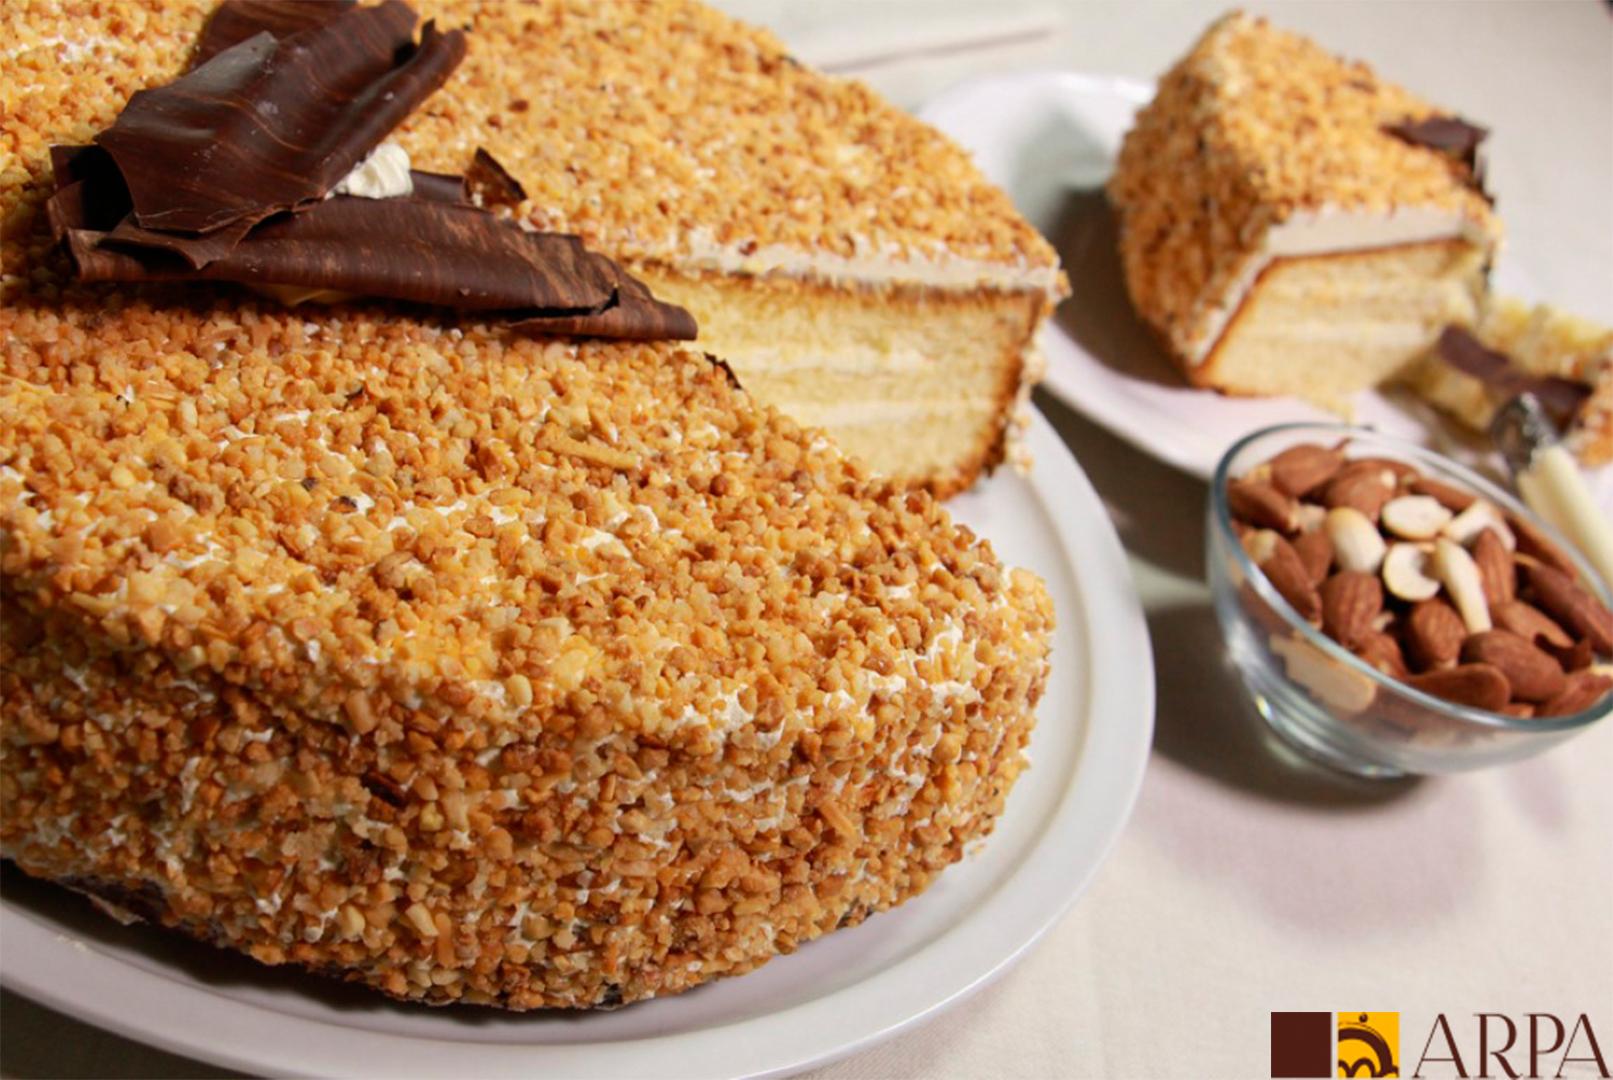 Pastel relleno de margarina de almendra y recubierto de granillo de almendra tostado y caramelizado